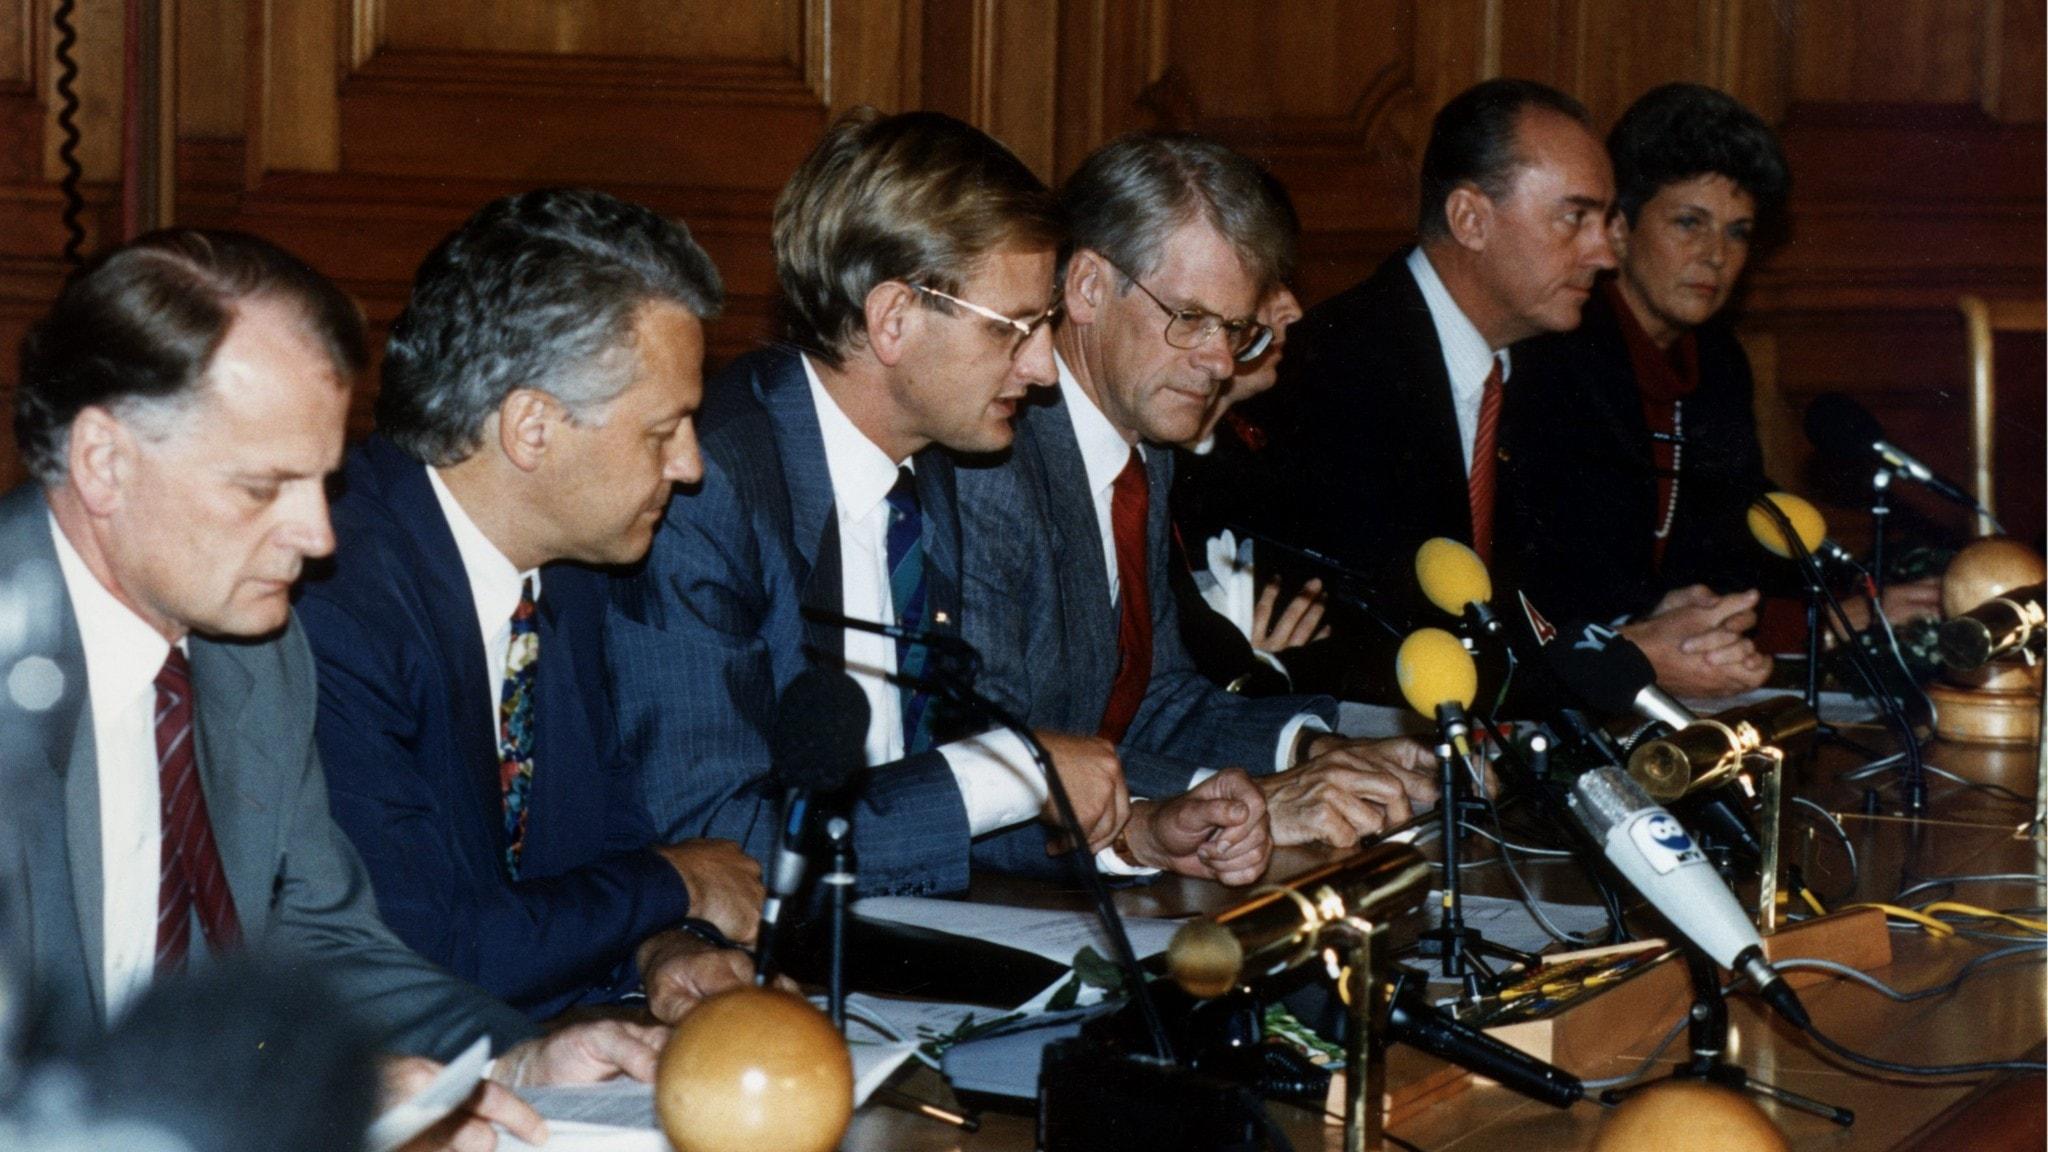 Partiledarna i Bildtregeringen och Socialdemokraterna hösten 1992.